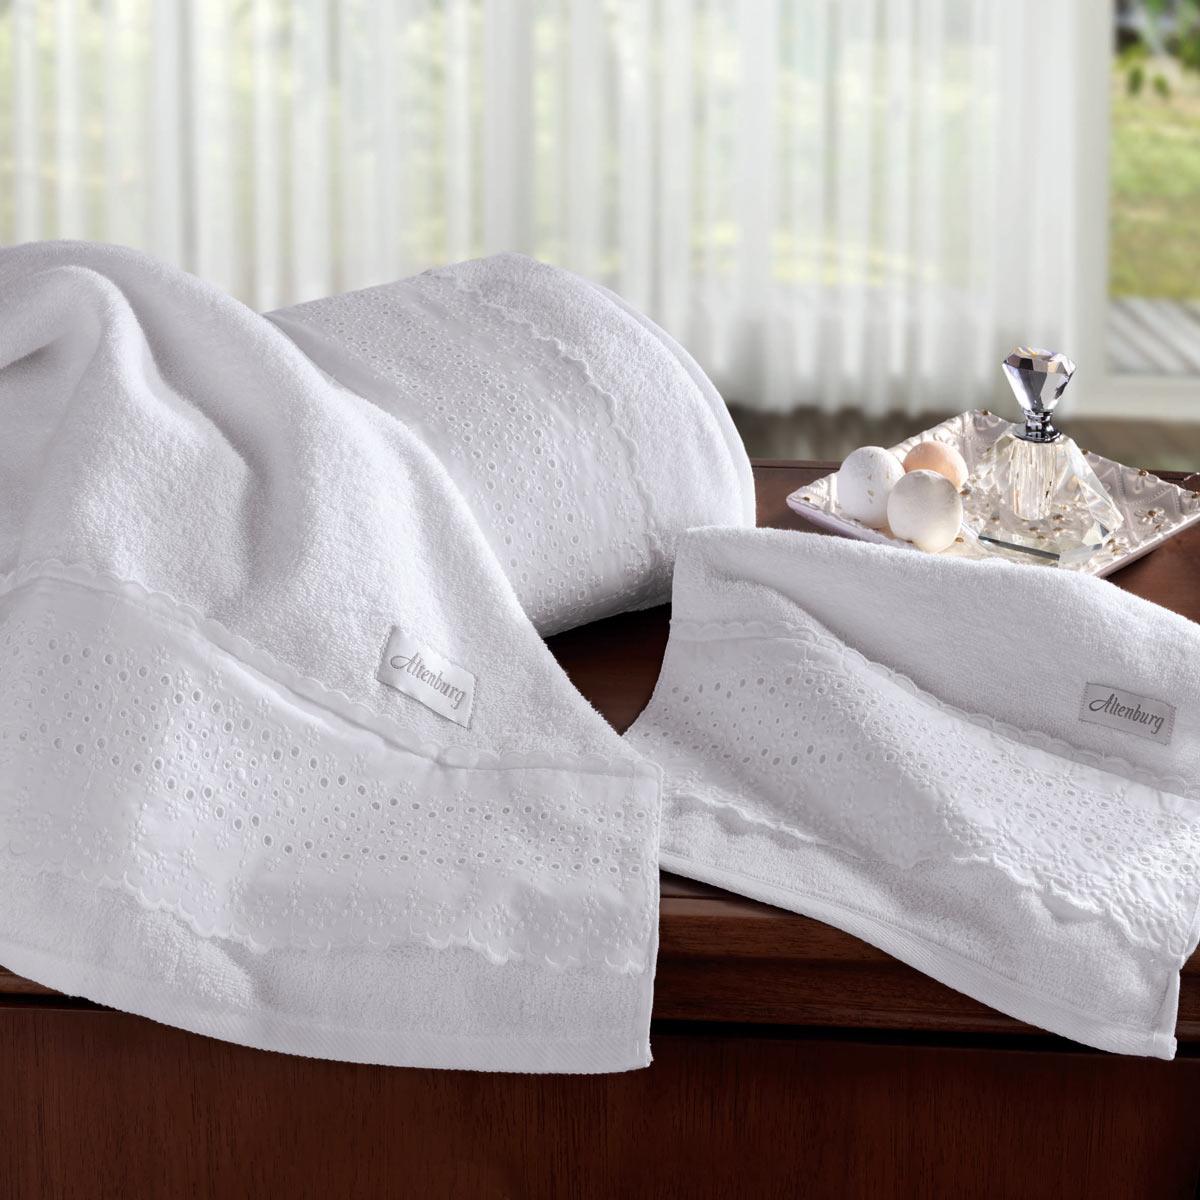 Jogo de toalha de banho Lit Blanc com renda 5 peças - Altenburg